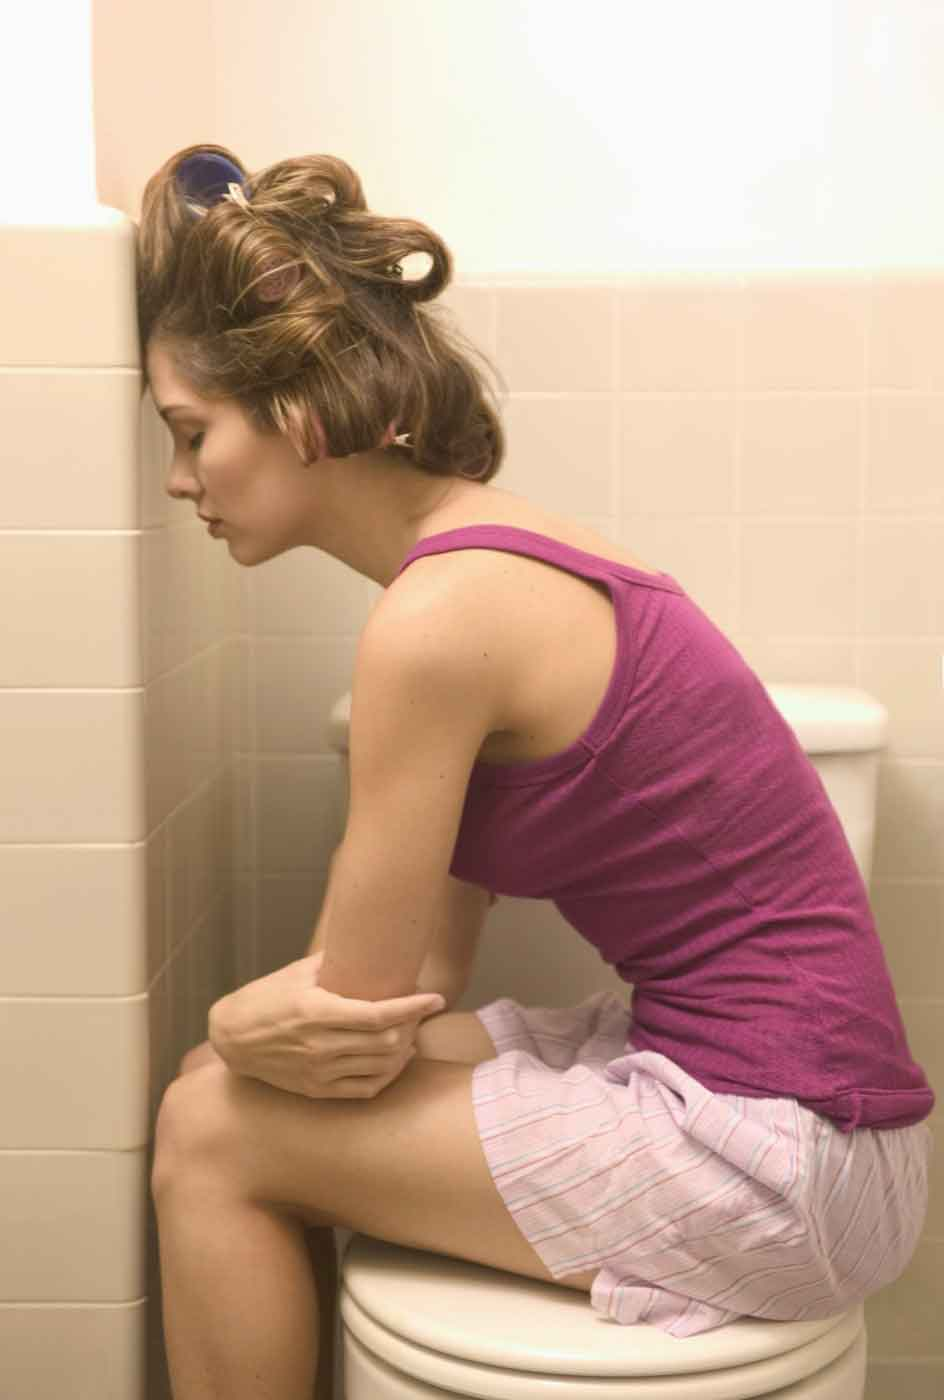 Фото женщин понос и у мужчины в одном туалете дома 6 фотография